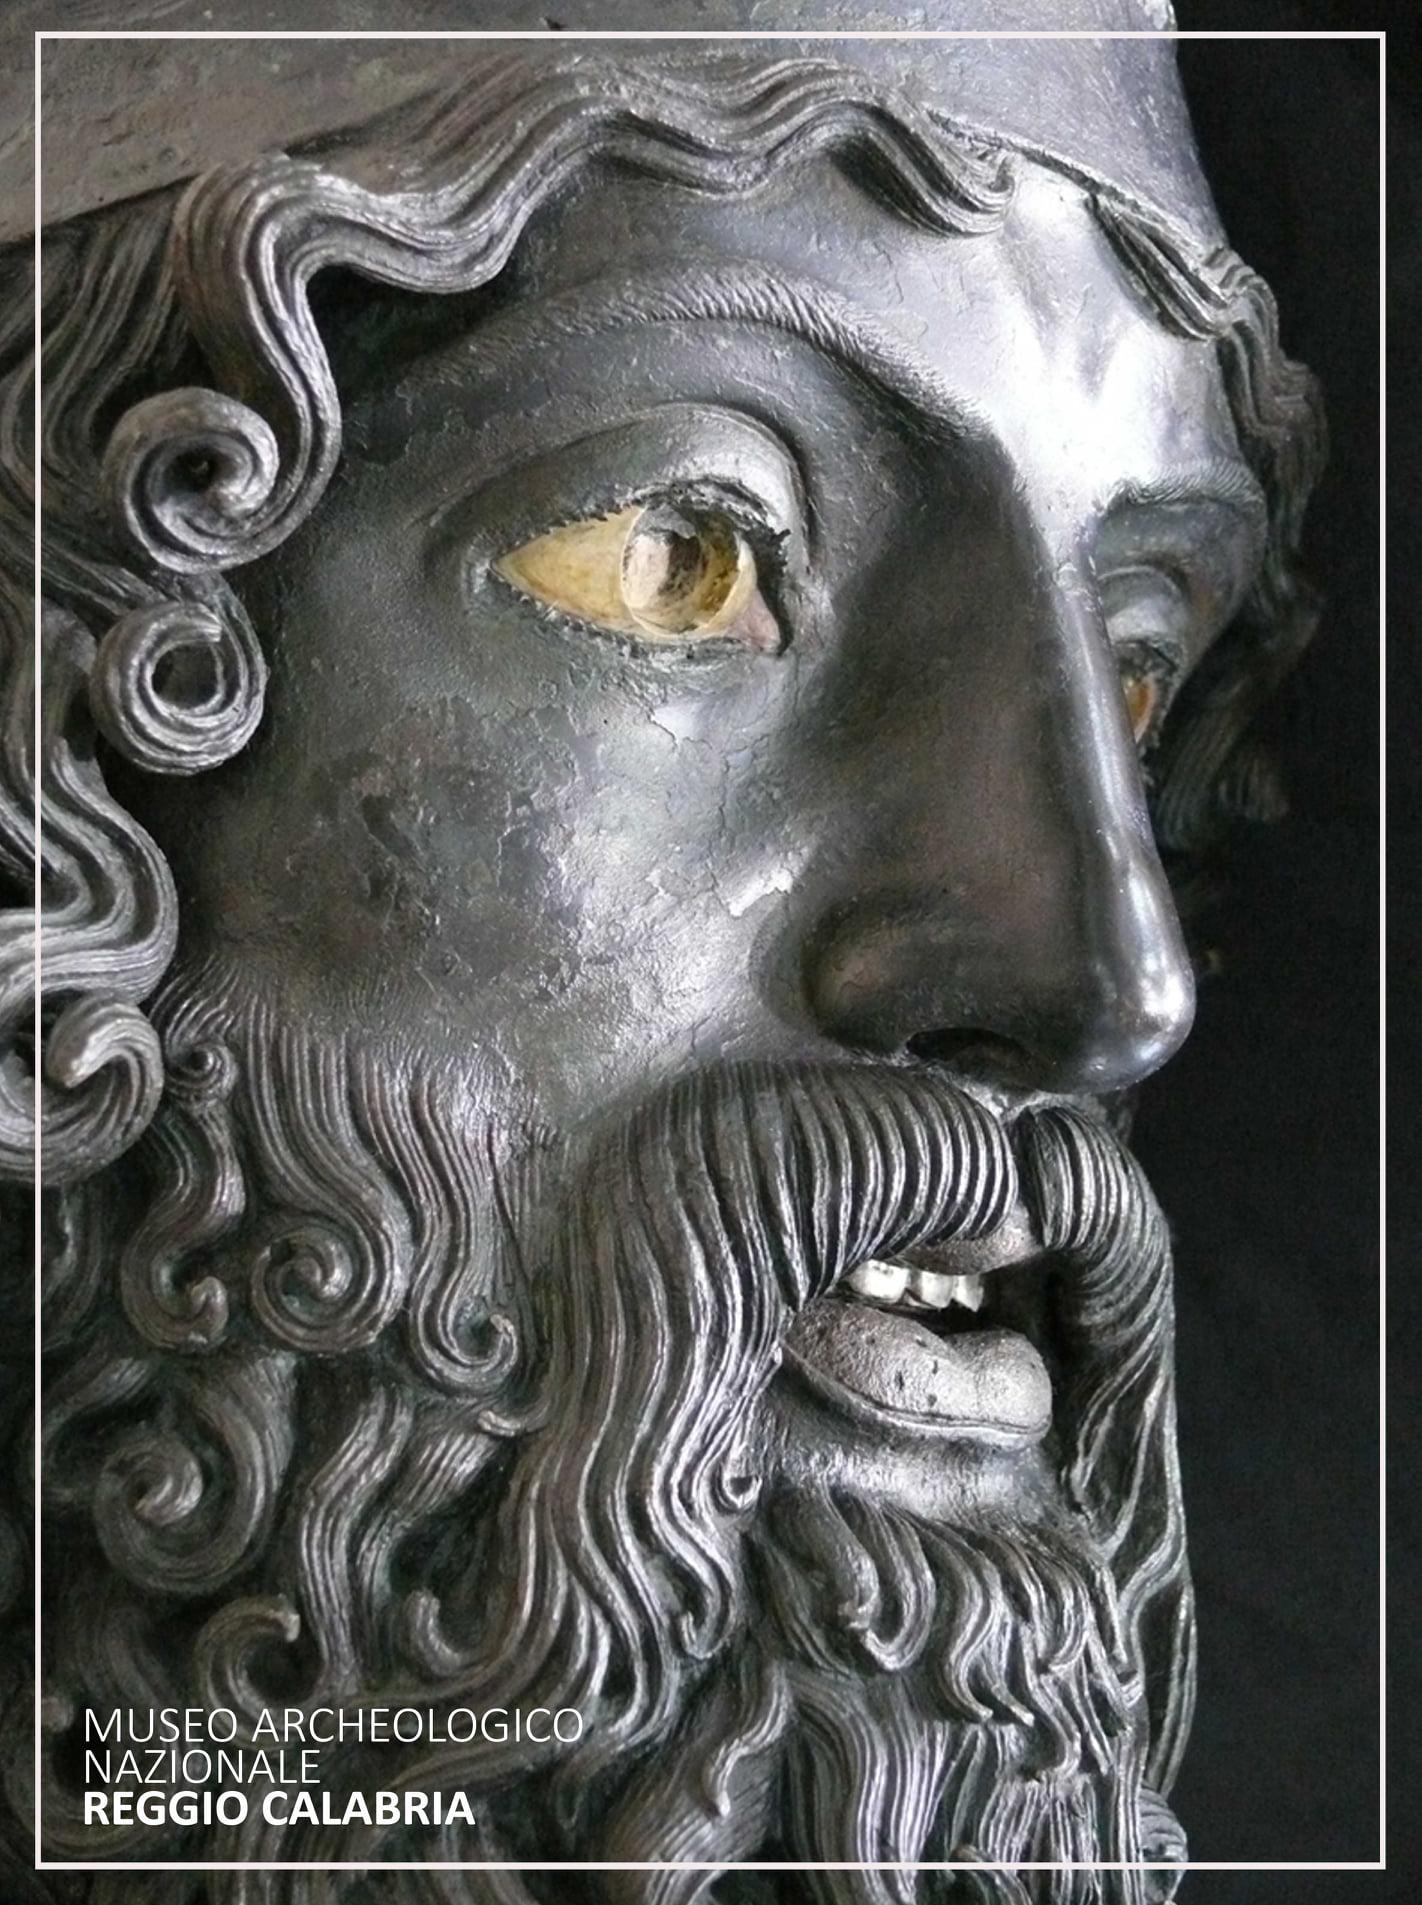 reggio-calabria_MArRC_bronzi-di-riace_volto-bronzo-A_foto-MArRC